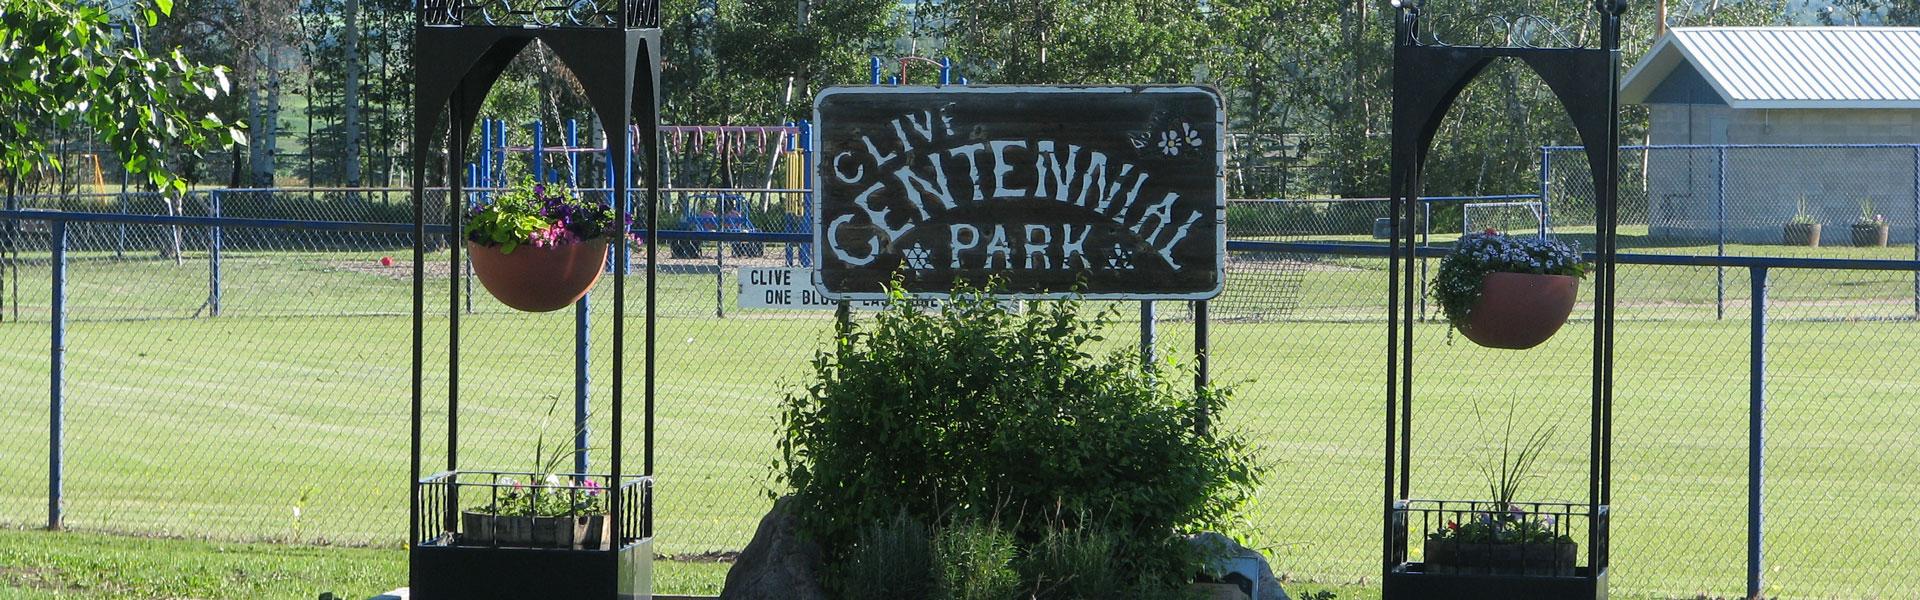 Centennial-Park-Slide-v2